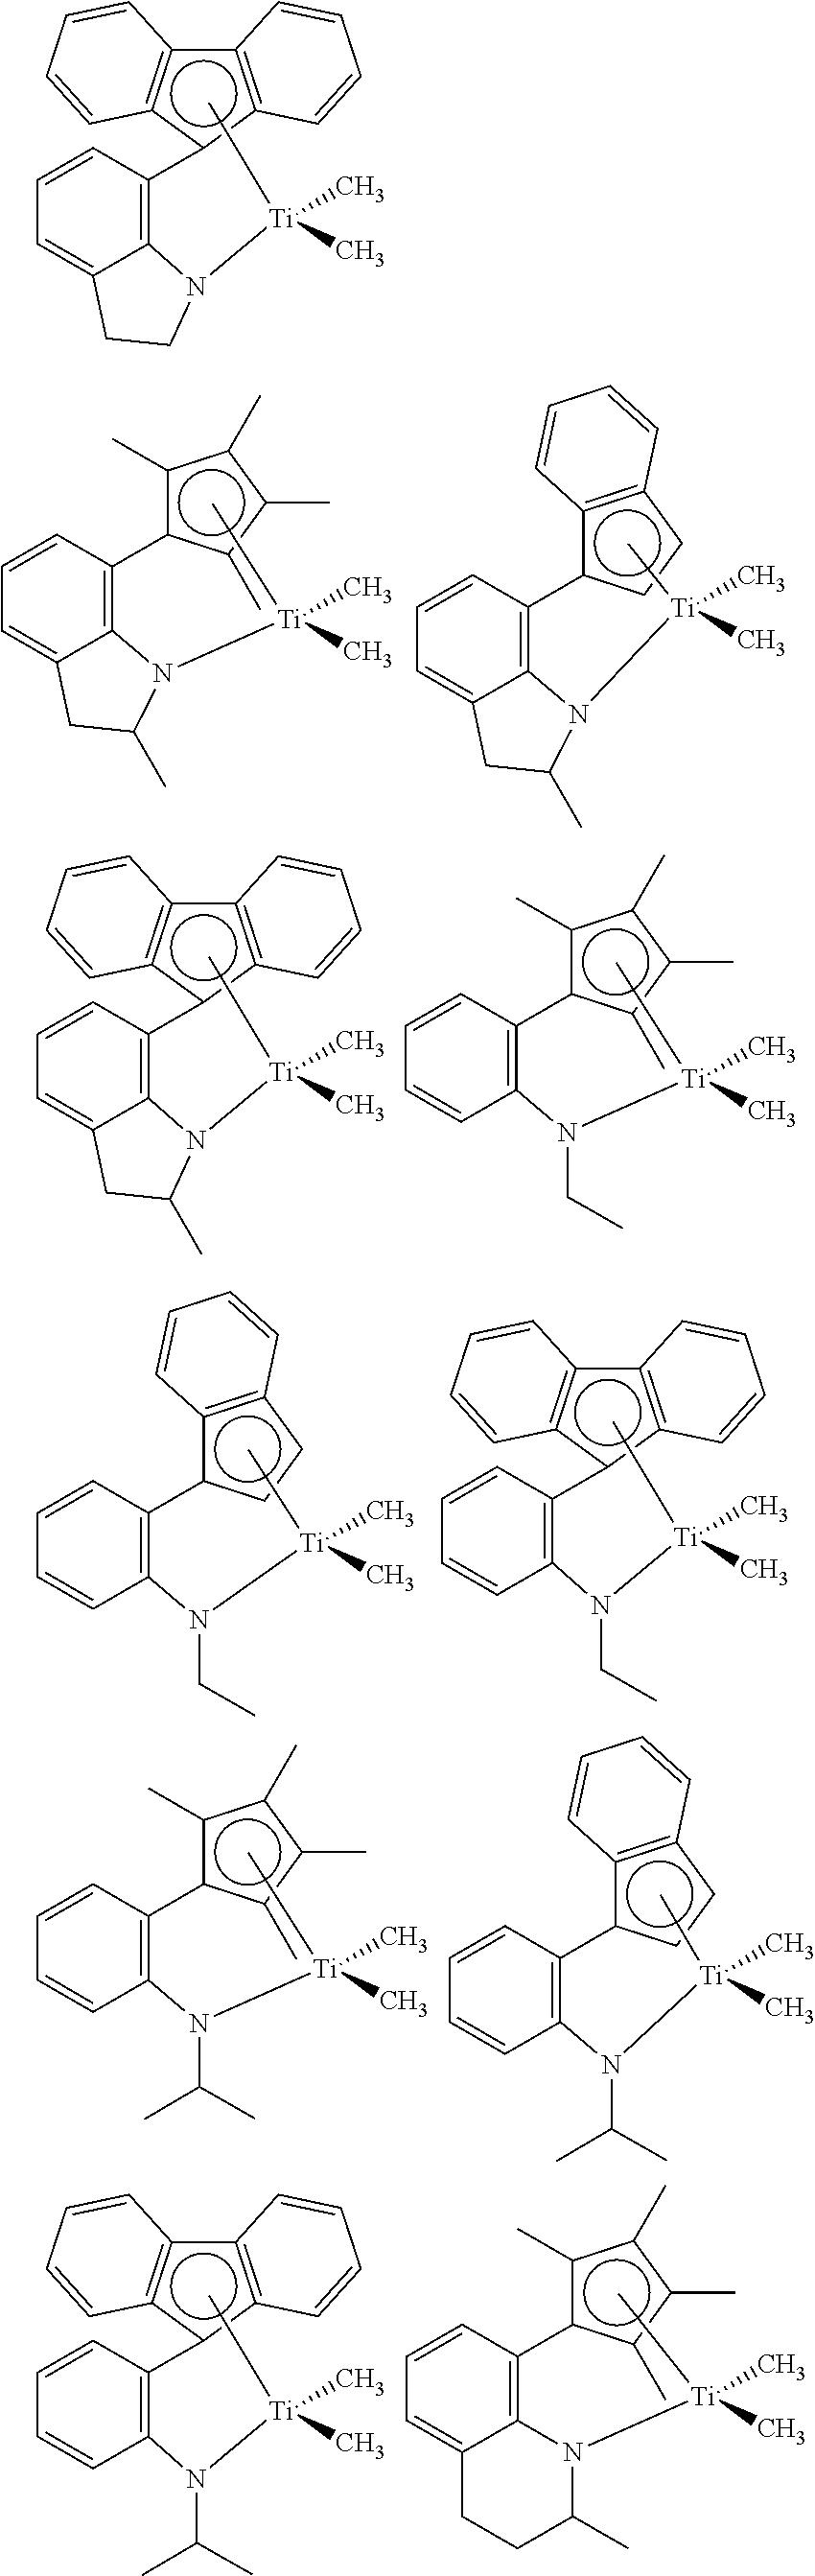 Figure US20110172451A1-20110714-C00033